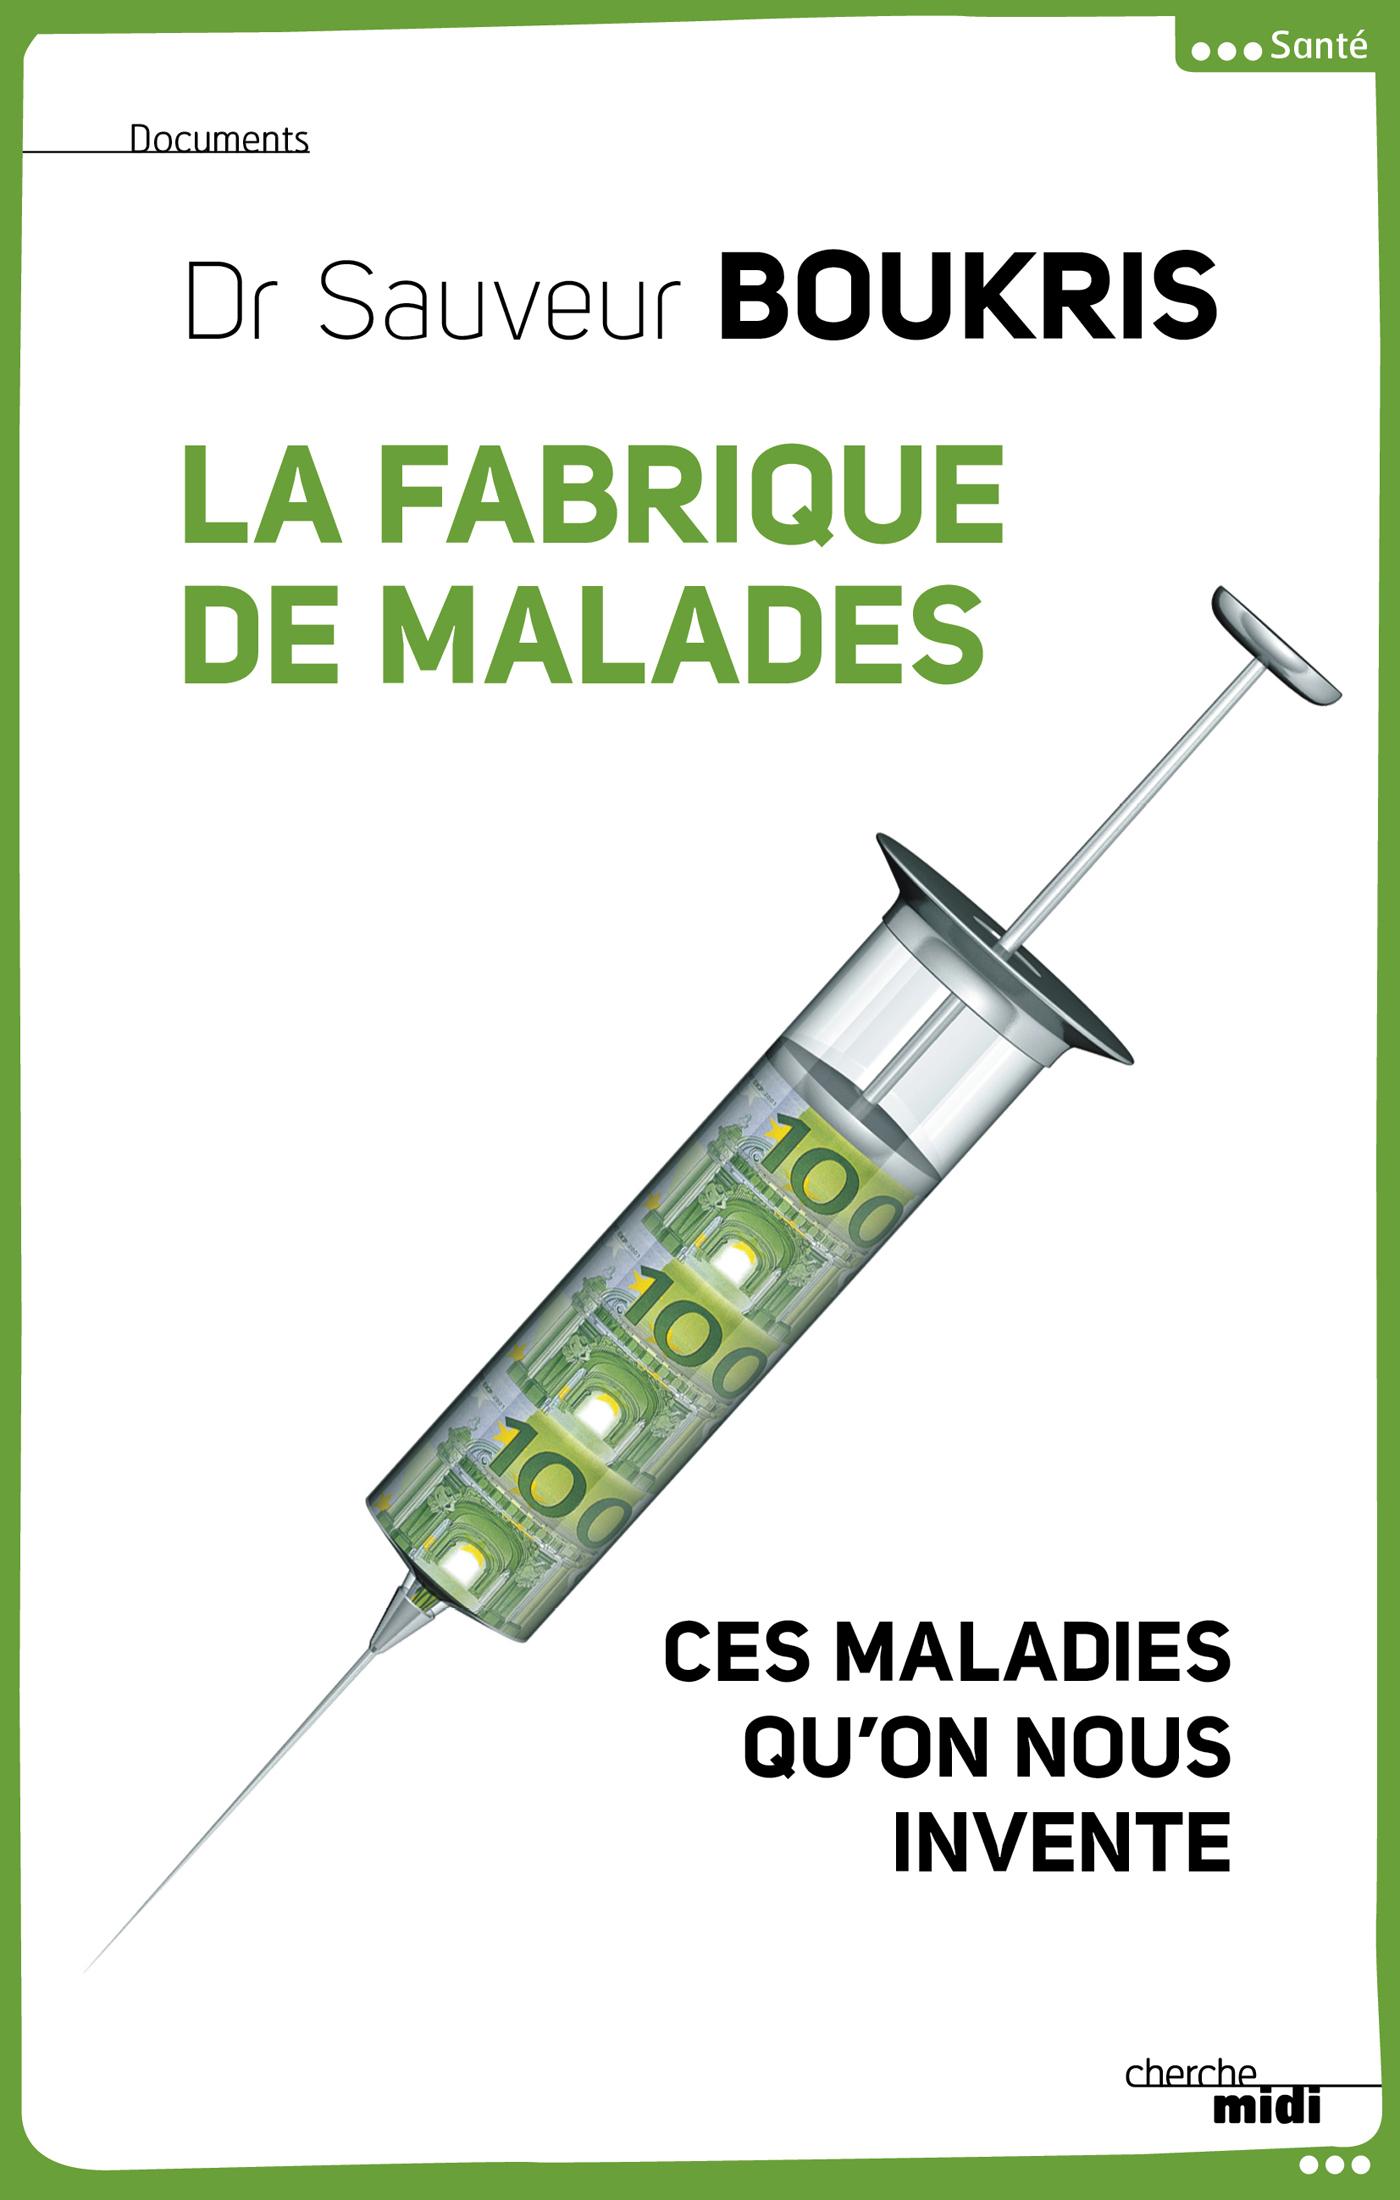 La Fabrique de malades (ebook)